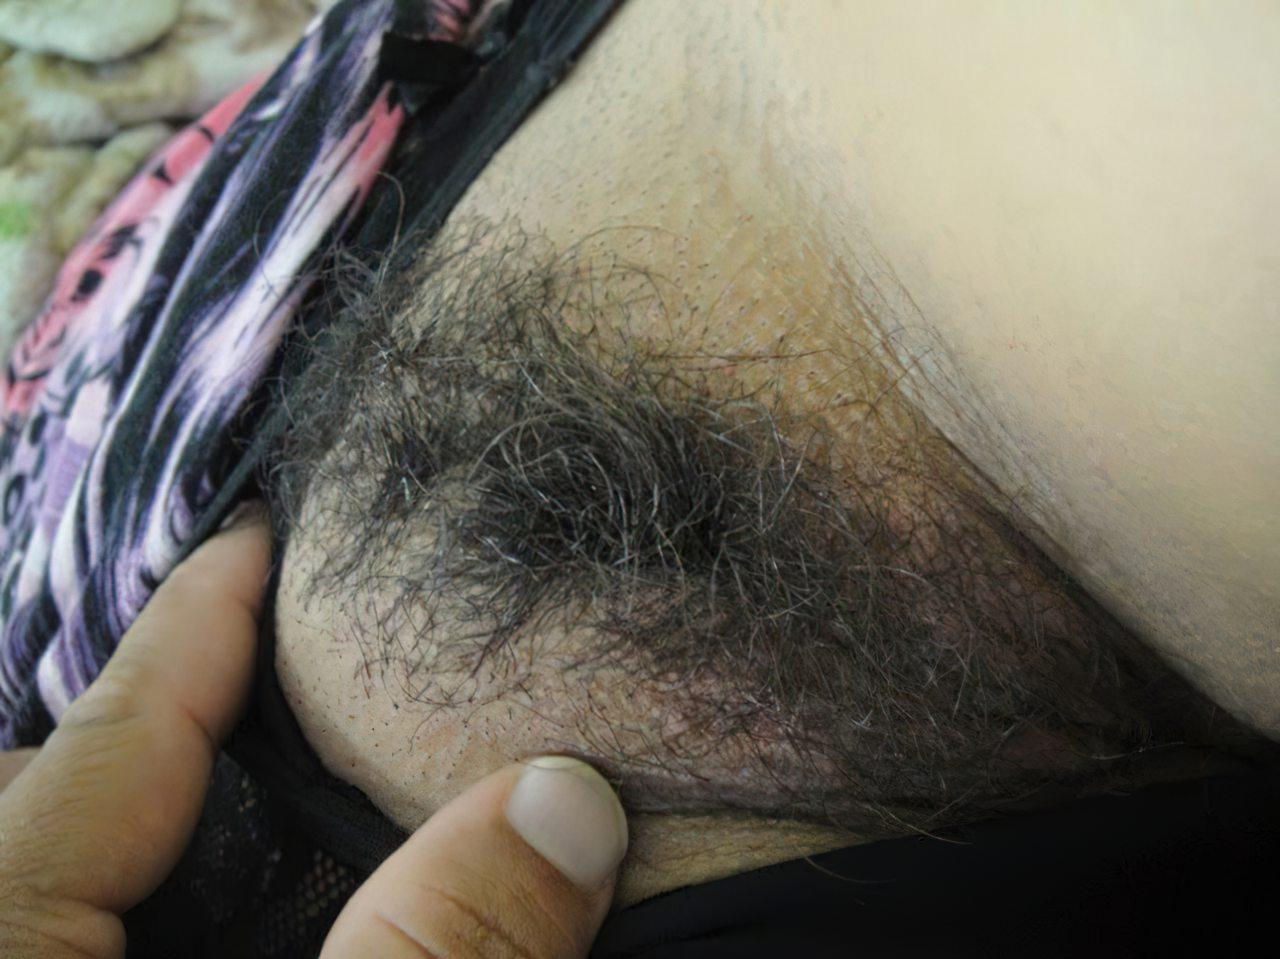 Bucetinha Esposa (37)